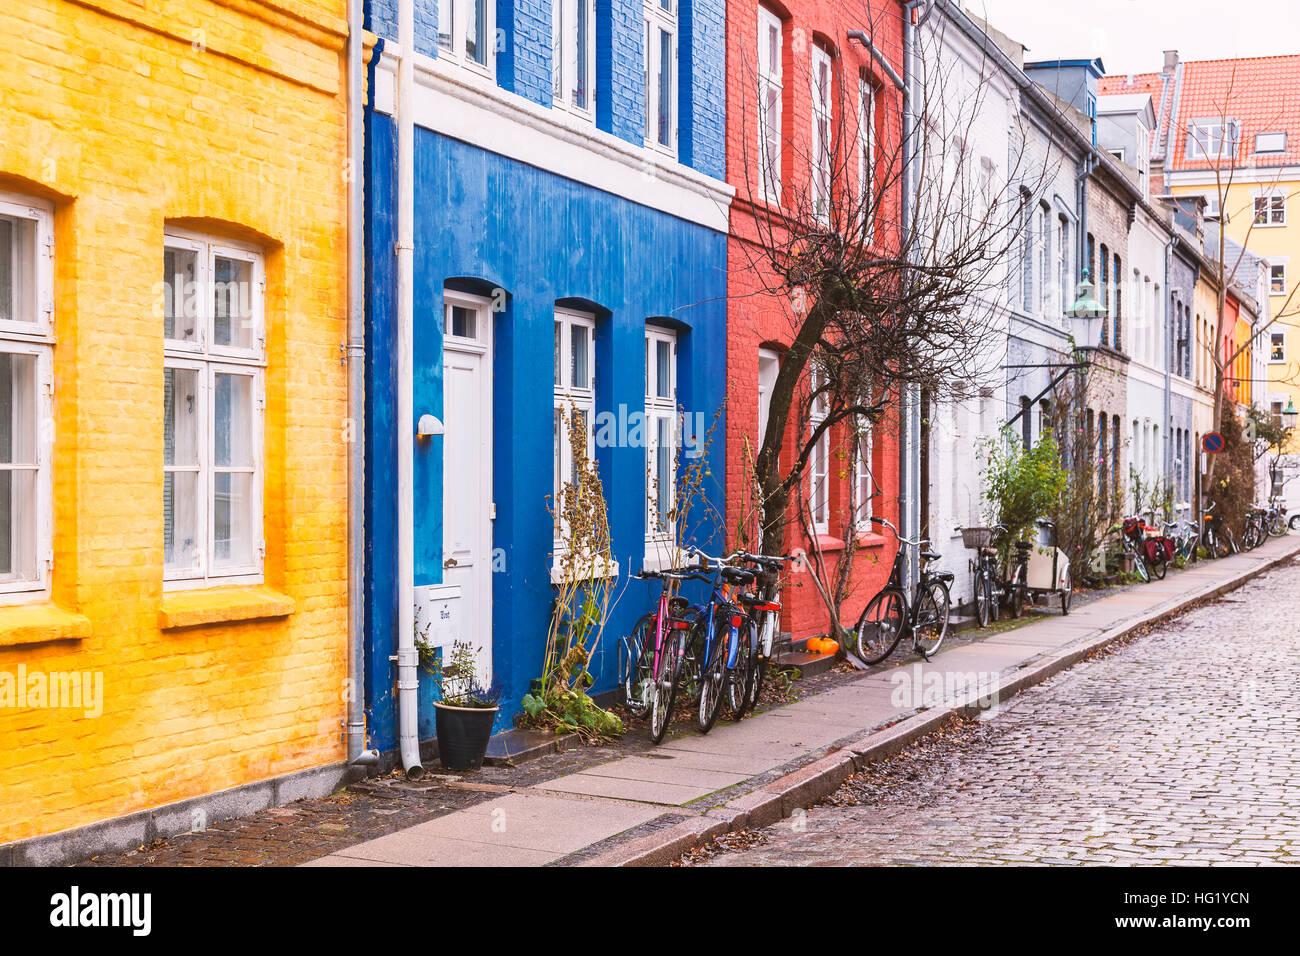 Image de rue colorée à Copenhague, Danemark. Photo Stock